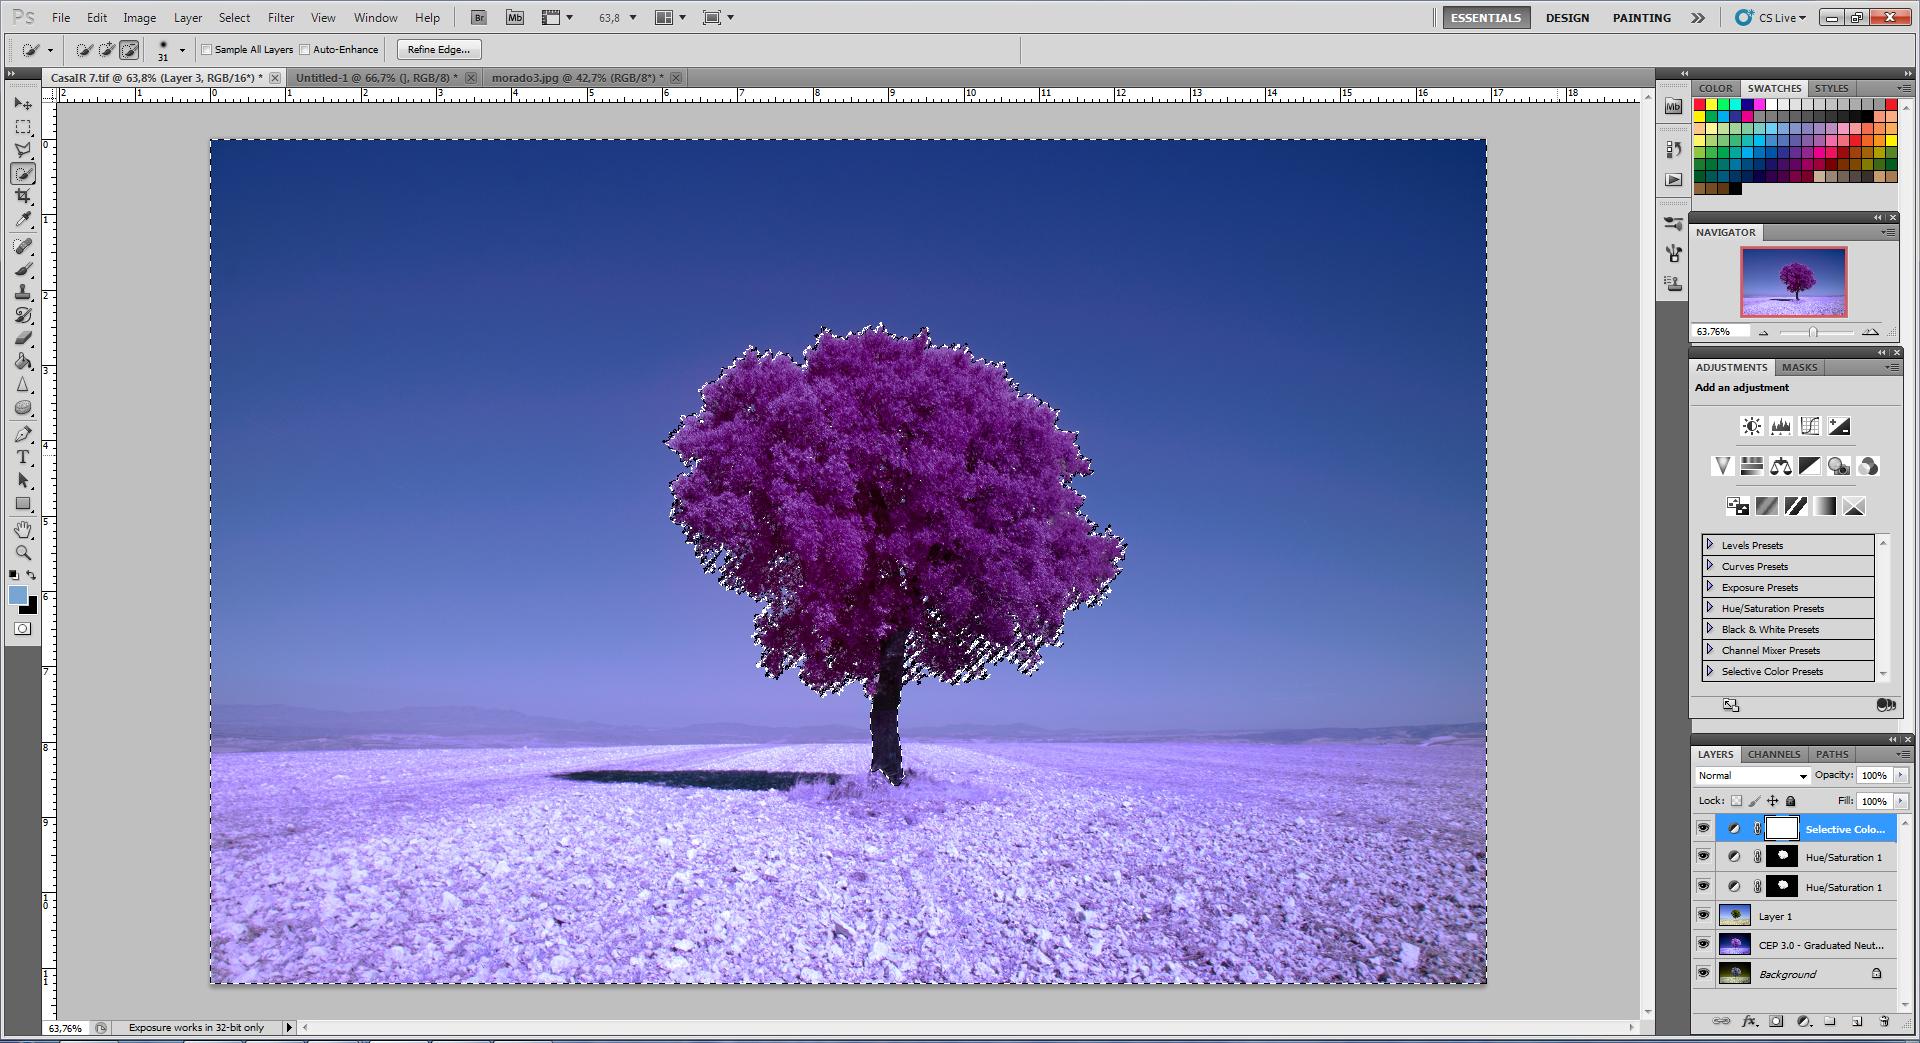 Как превратить пейзажное фото в сюрреалистическое инфракрасное изображение - 10